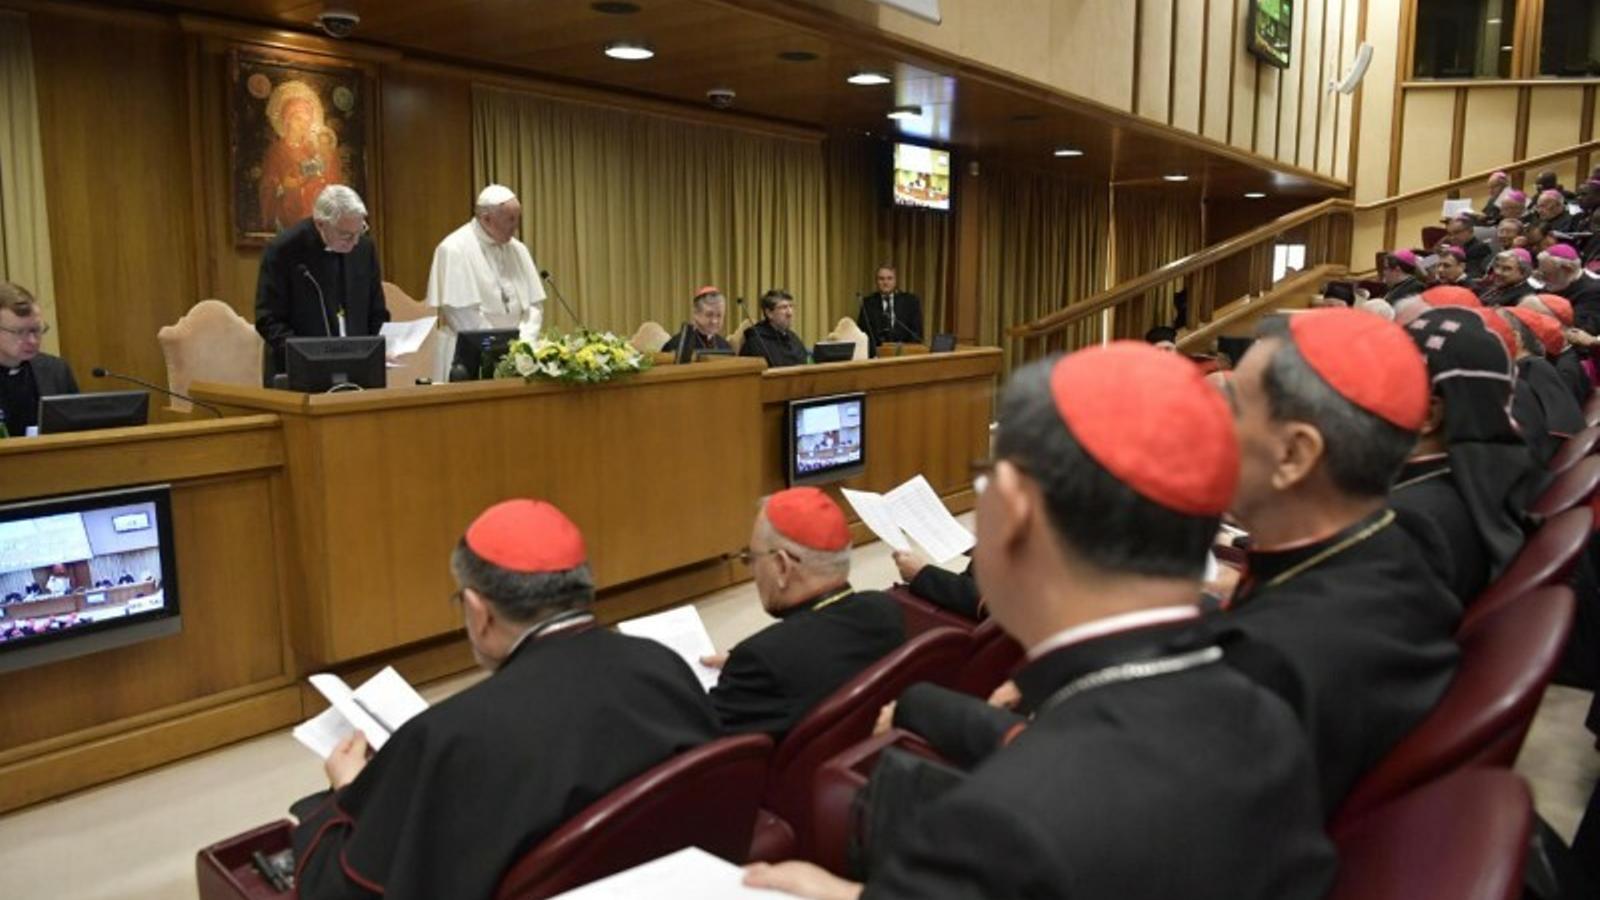 Les víctimes d'abusos relaten el seu infern al Vaticà